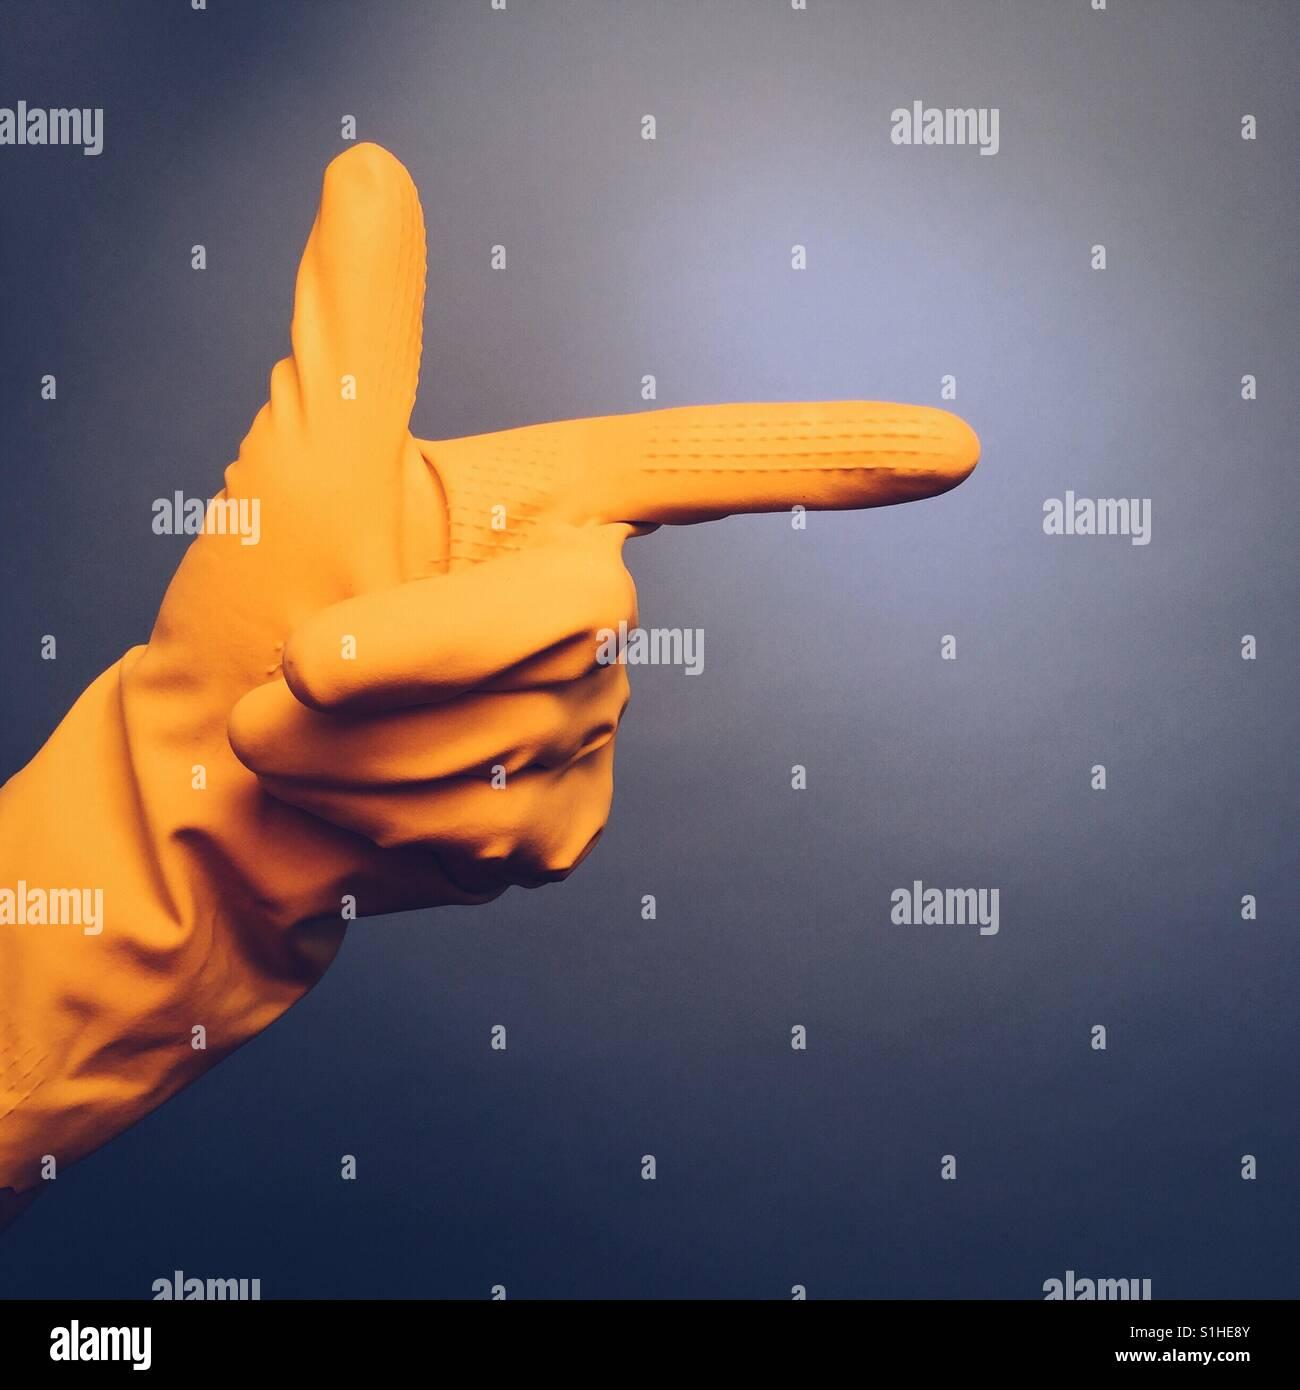 Un hombre de la mano en un guante de goma amarilla haciendo un gesto de mano apuntando contra un fondo azul. Imagen De Stock